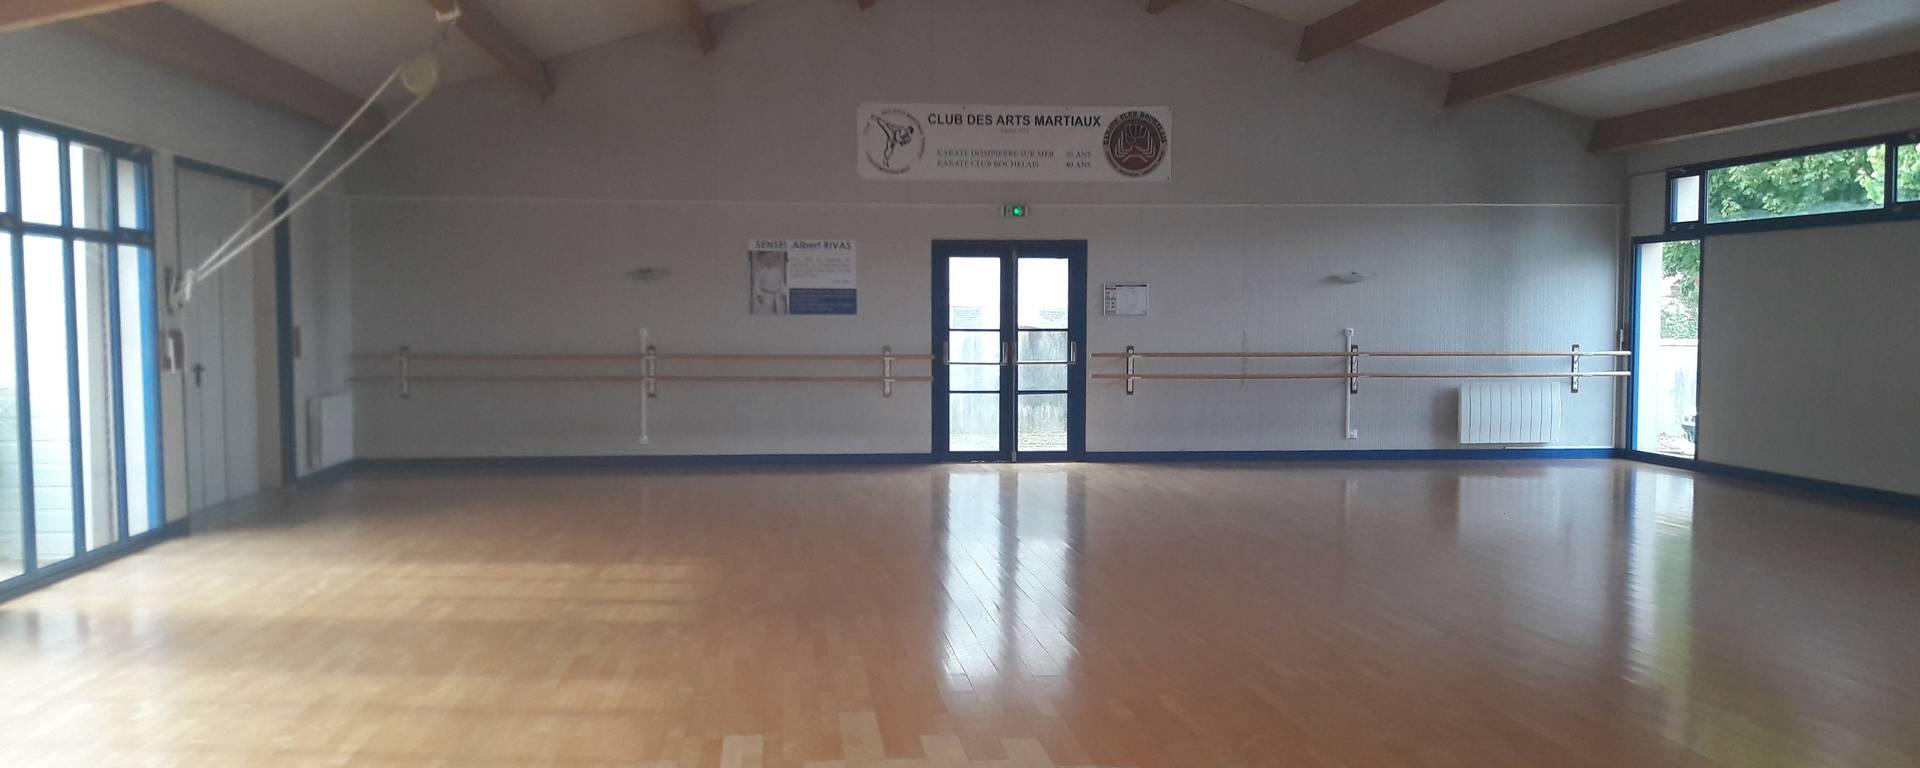 Salle A. RIVAS